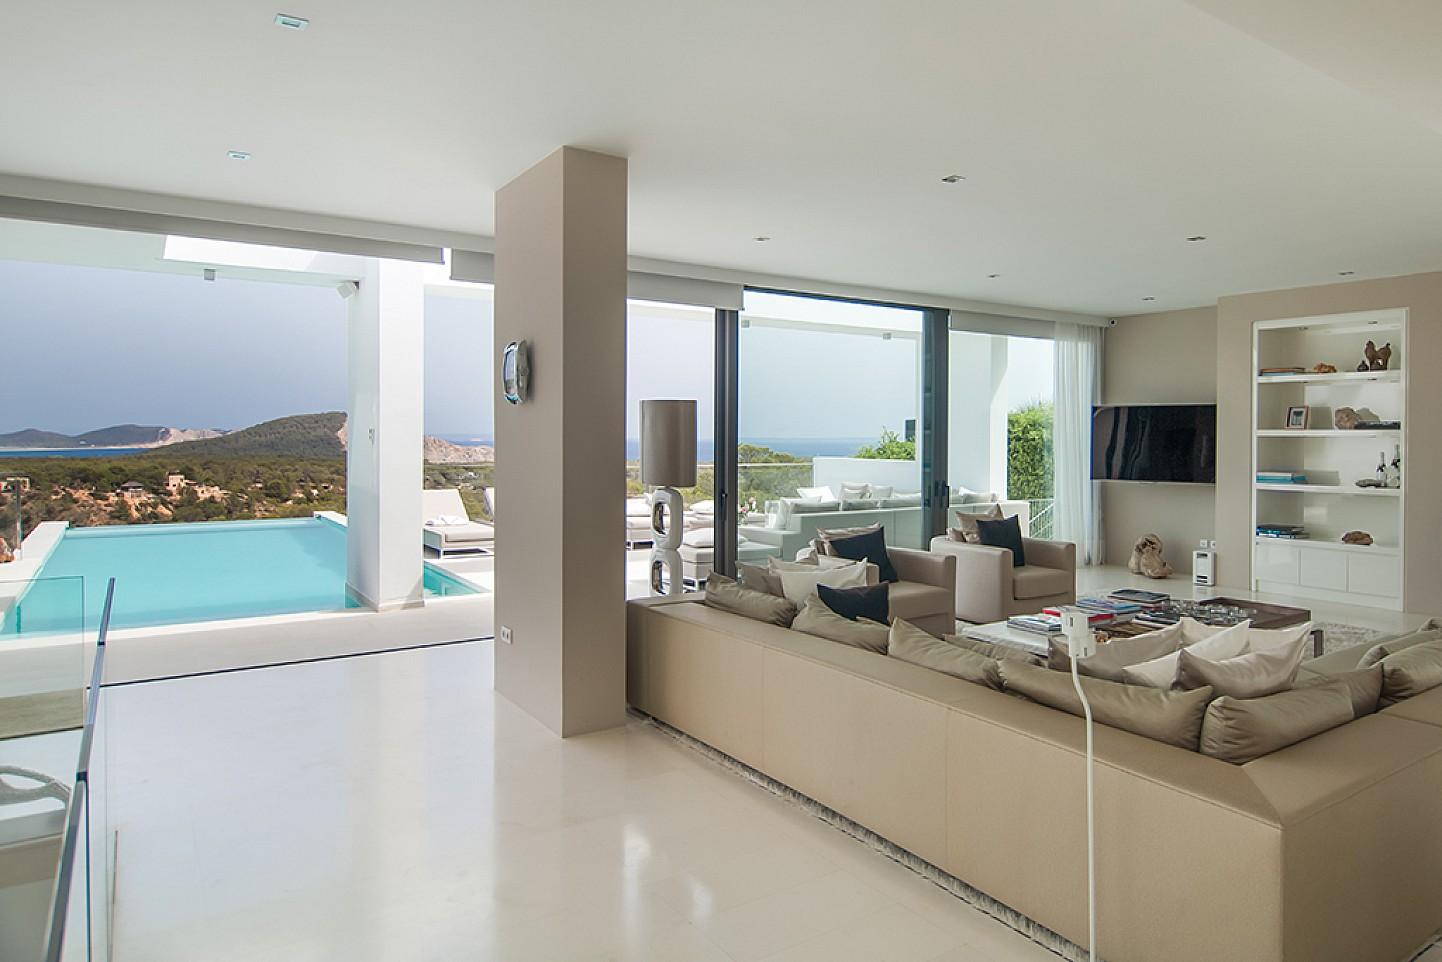 Wohnzimmerbereich mit Aussicht